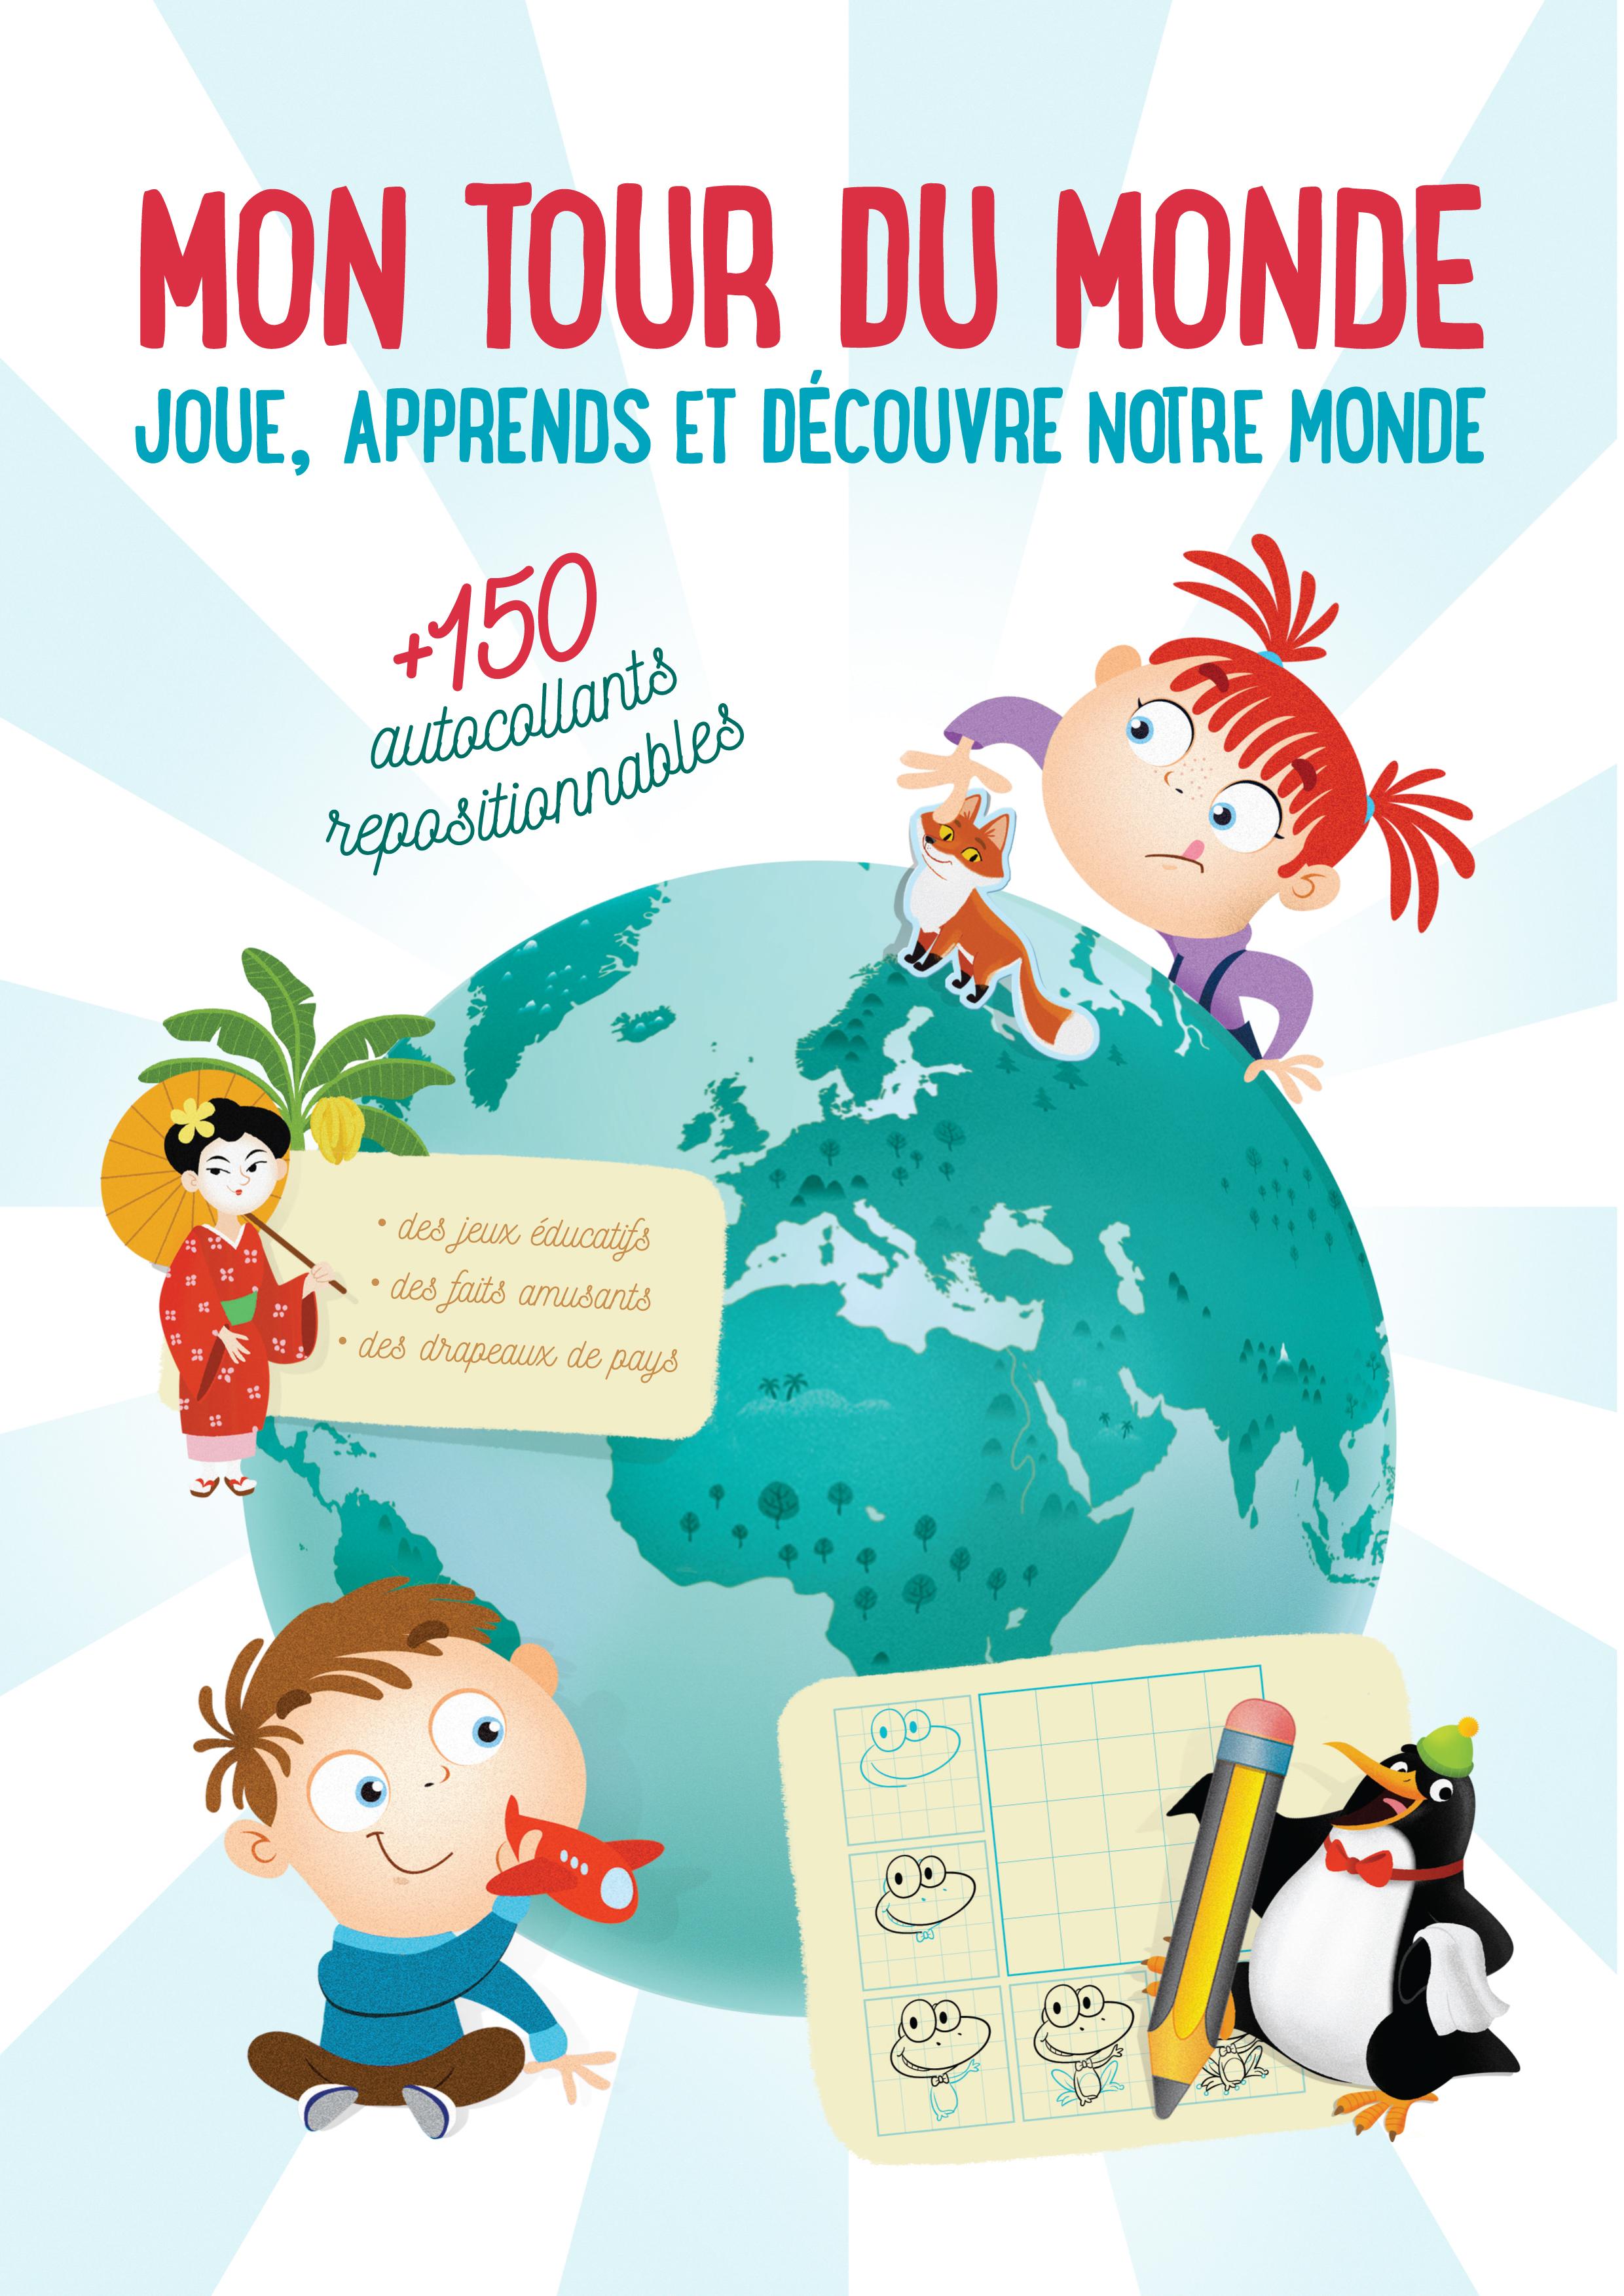 TOUR DU MONDE JOUE APPRENDS ET DECOUVRE NOTRE MONDE (MON)